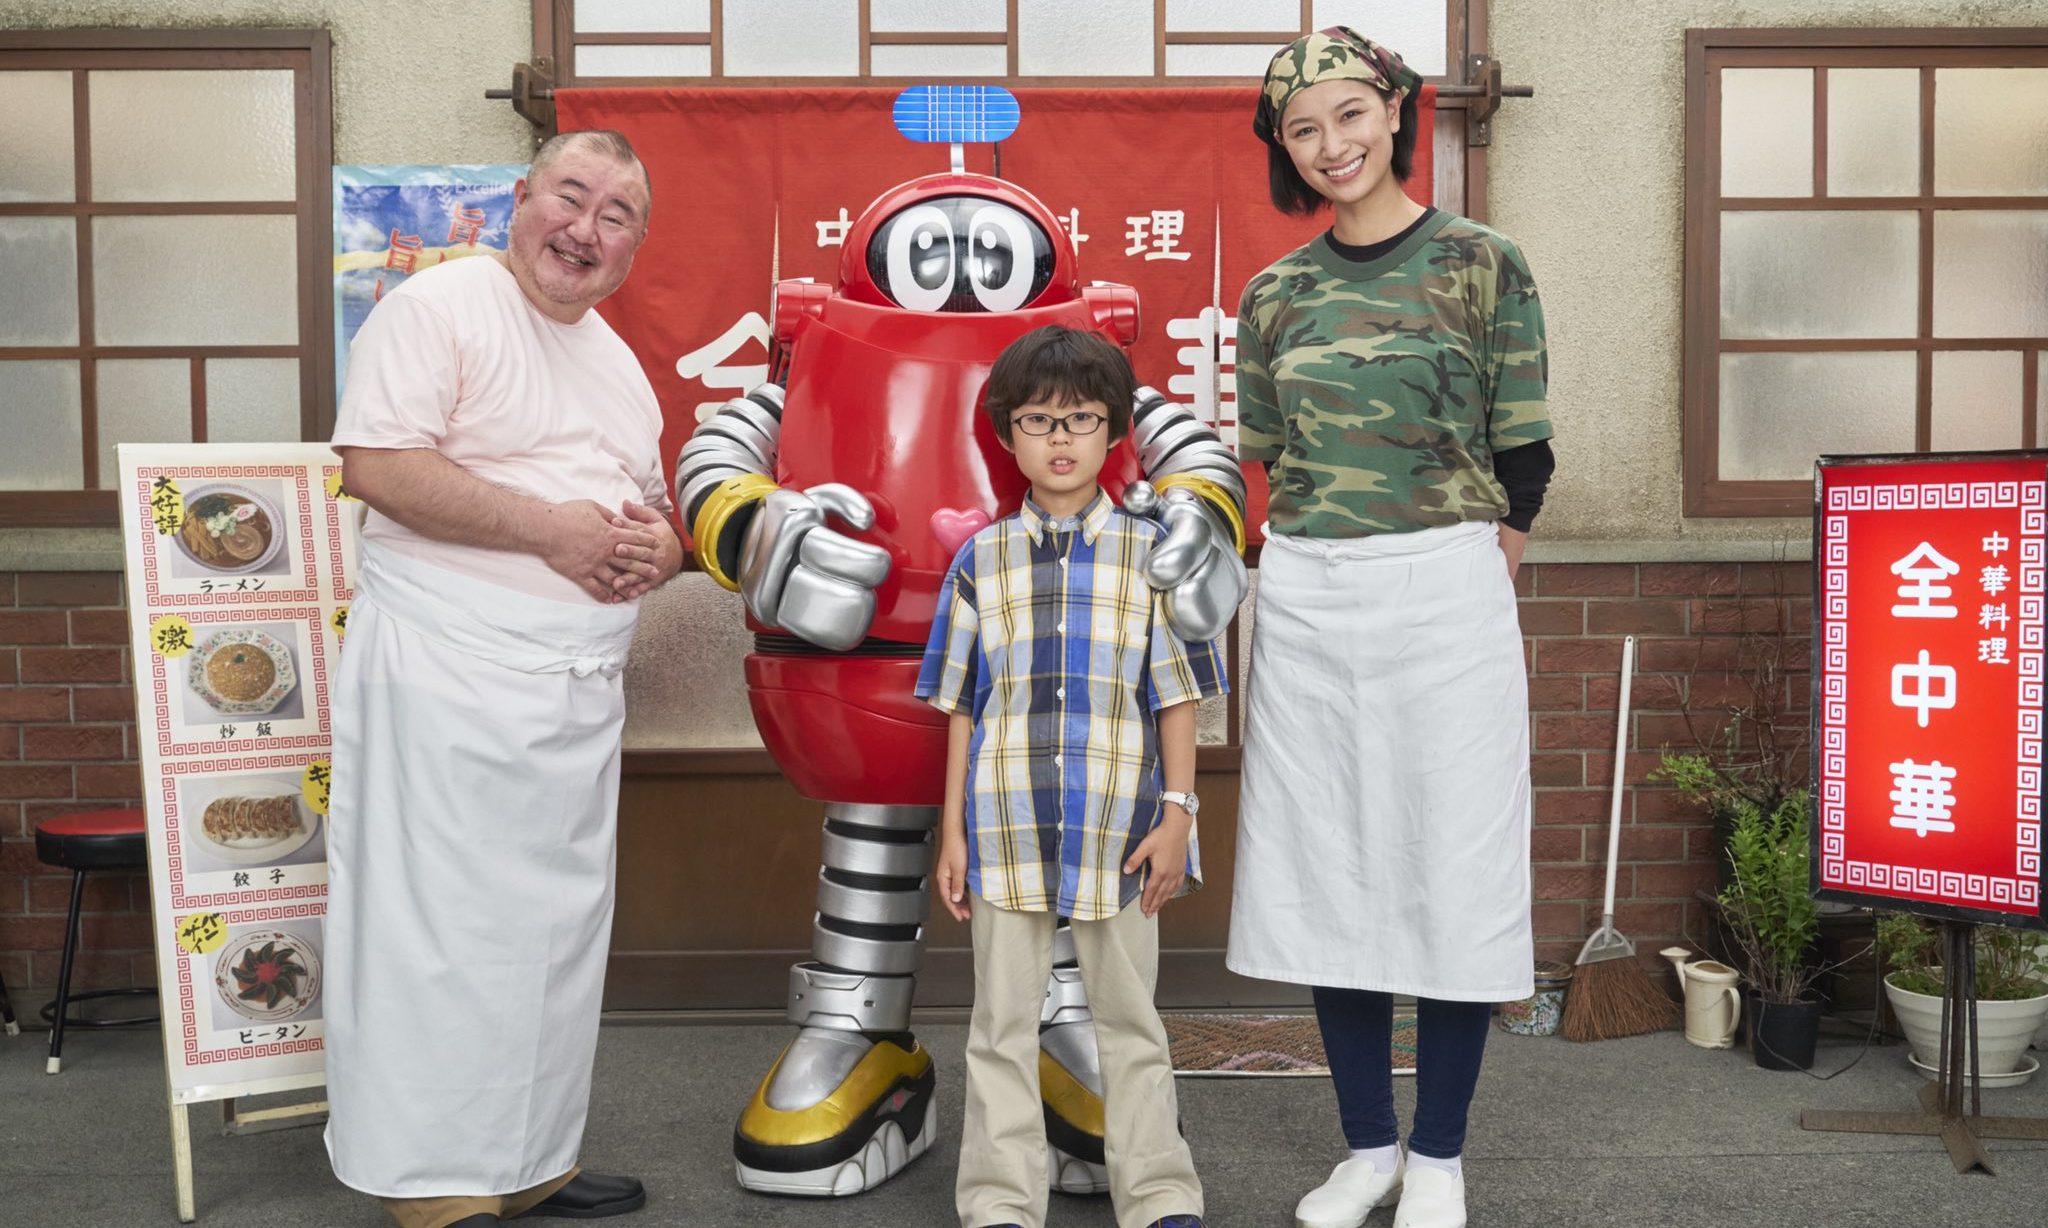 【ニュース】映画『がんばれいわ!!ロボコン』の第二弾キャストが発表!小浦一優さん、高橋ユウさん、清水ミチコさんが!